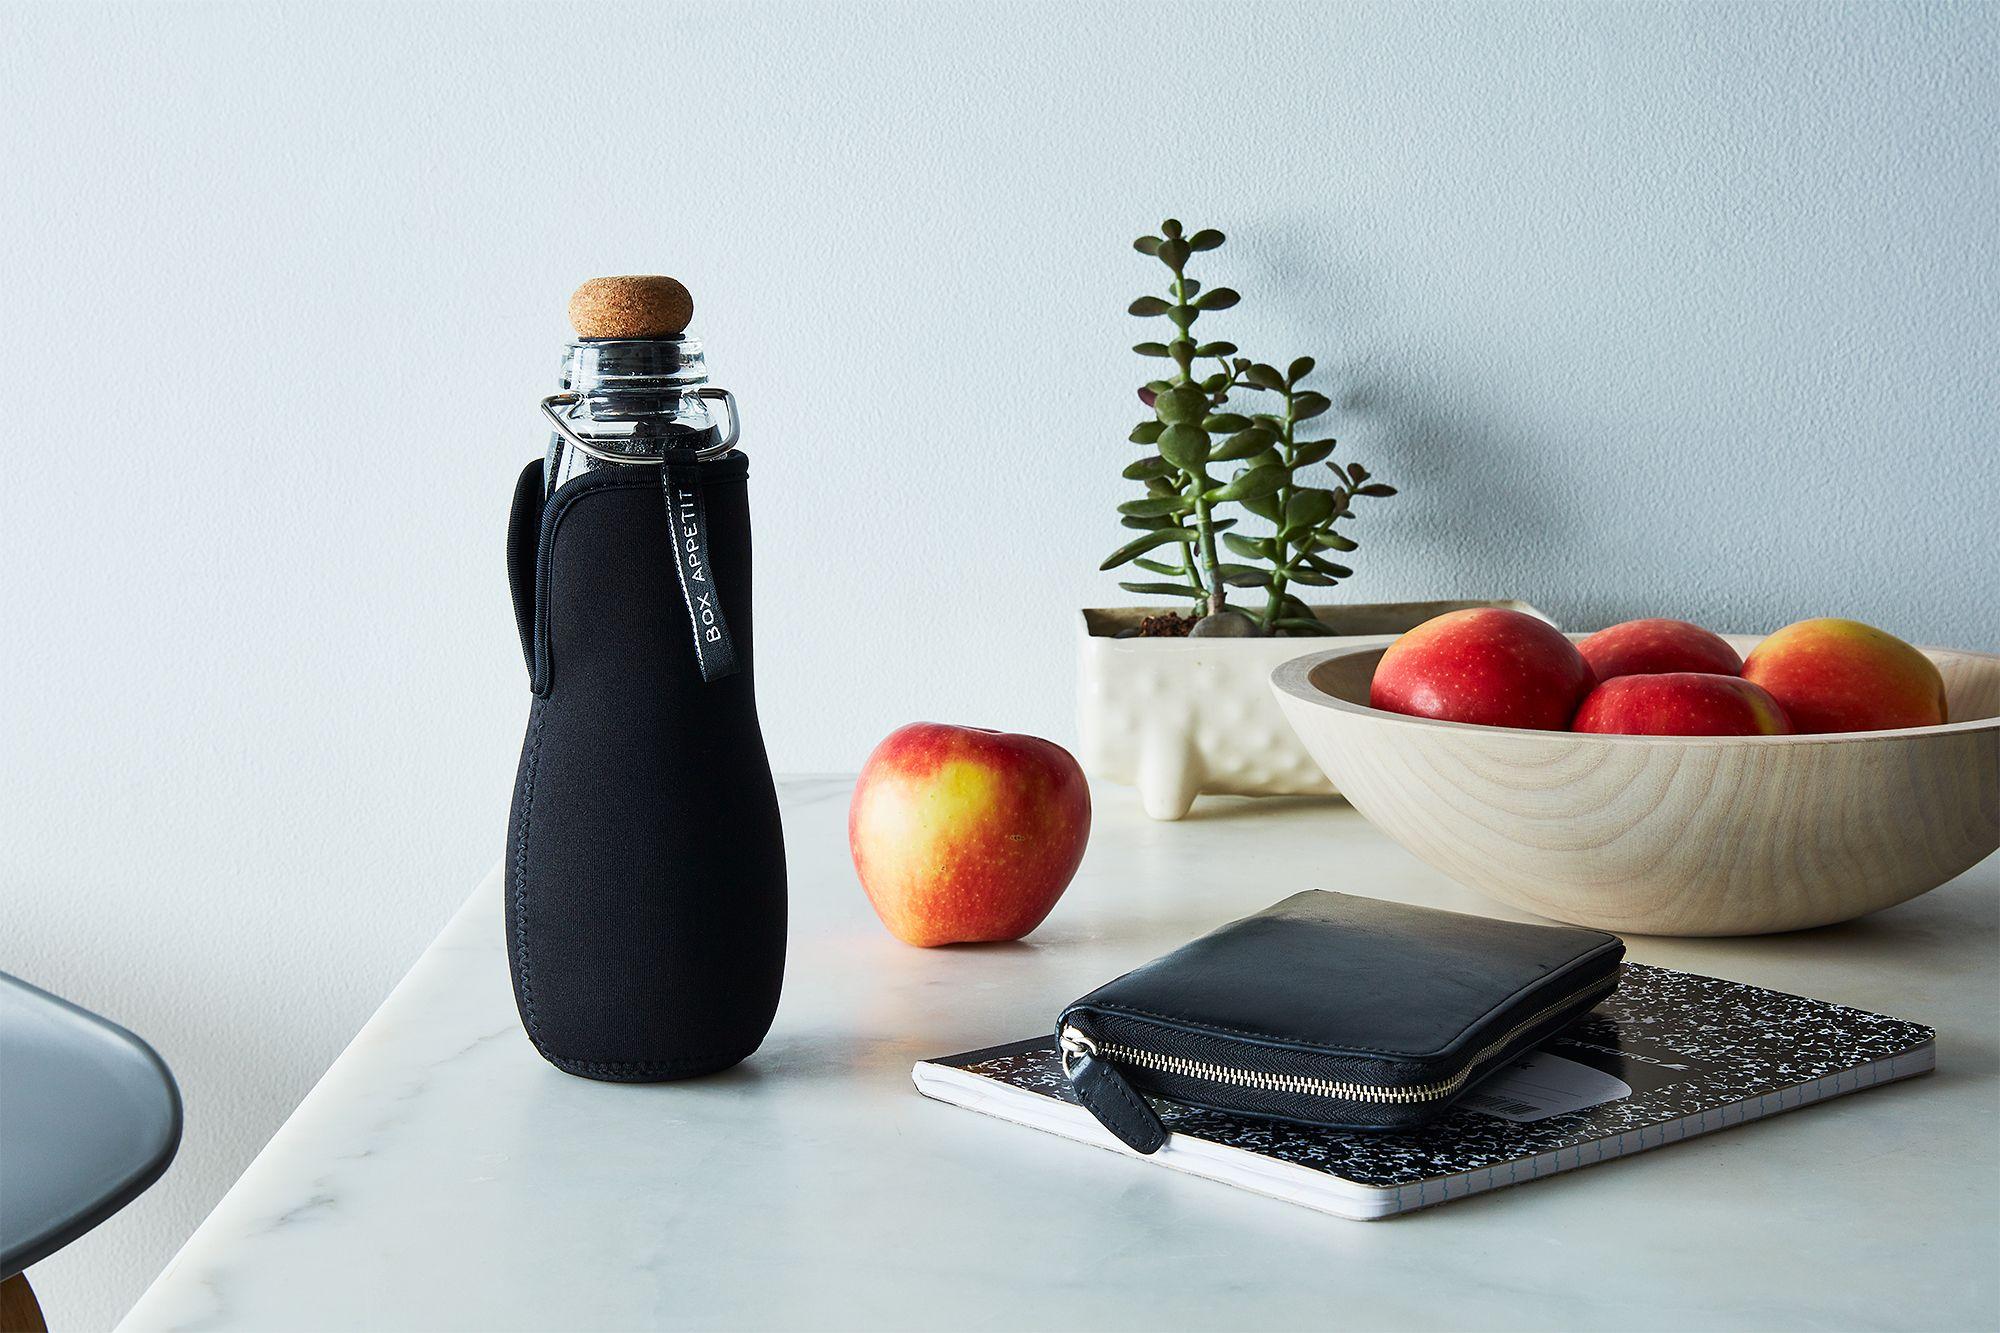 5 Sehr Machbar Dinge, die Sie Tun Können, um zu Reduzieren Kunststoff-Einsatz